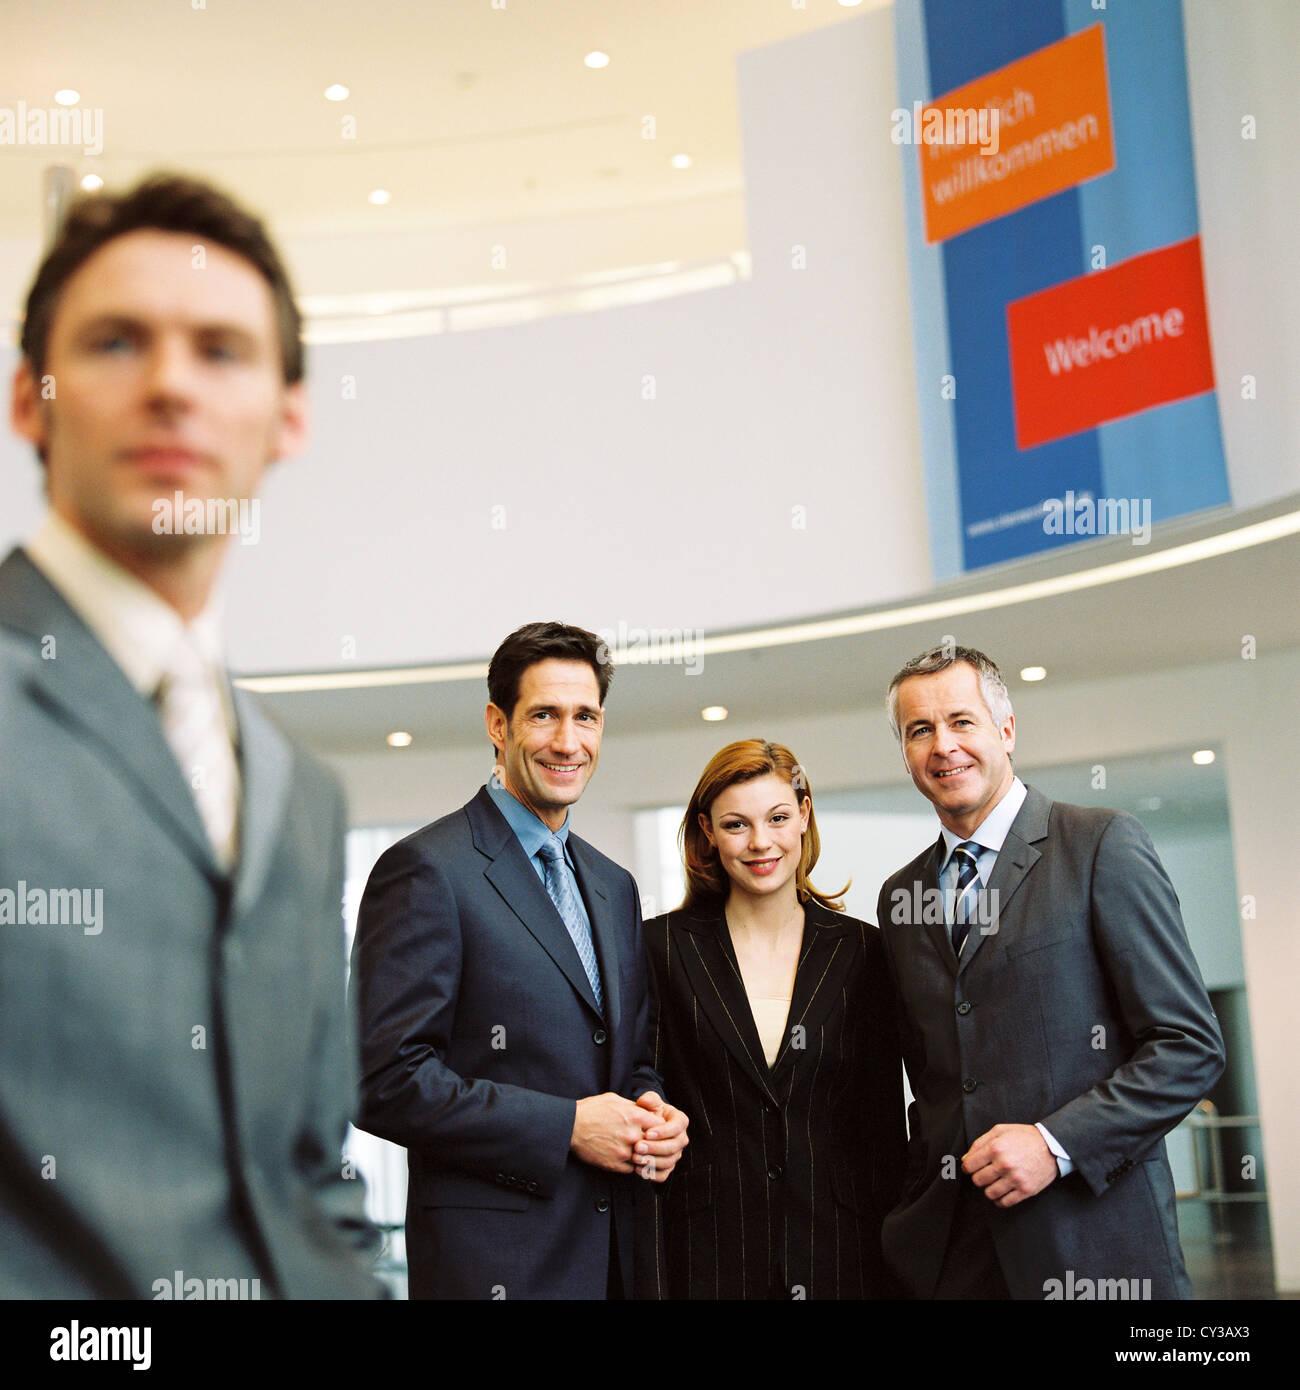 Les gens d'affaires de l'équipe gestionnaire de licence gratuite sauf annonces et panneaux publicitaires extérieurs Banque D'Images